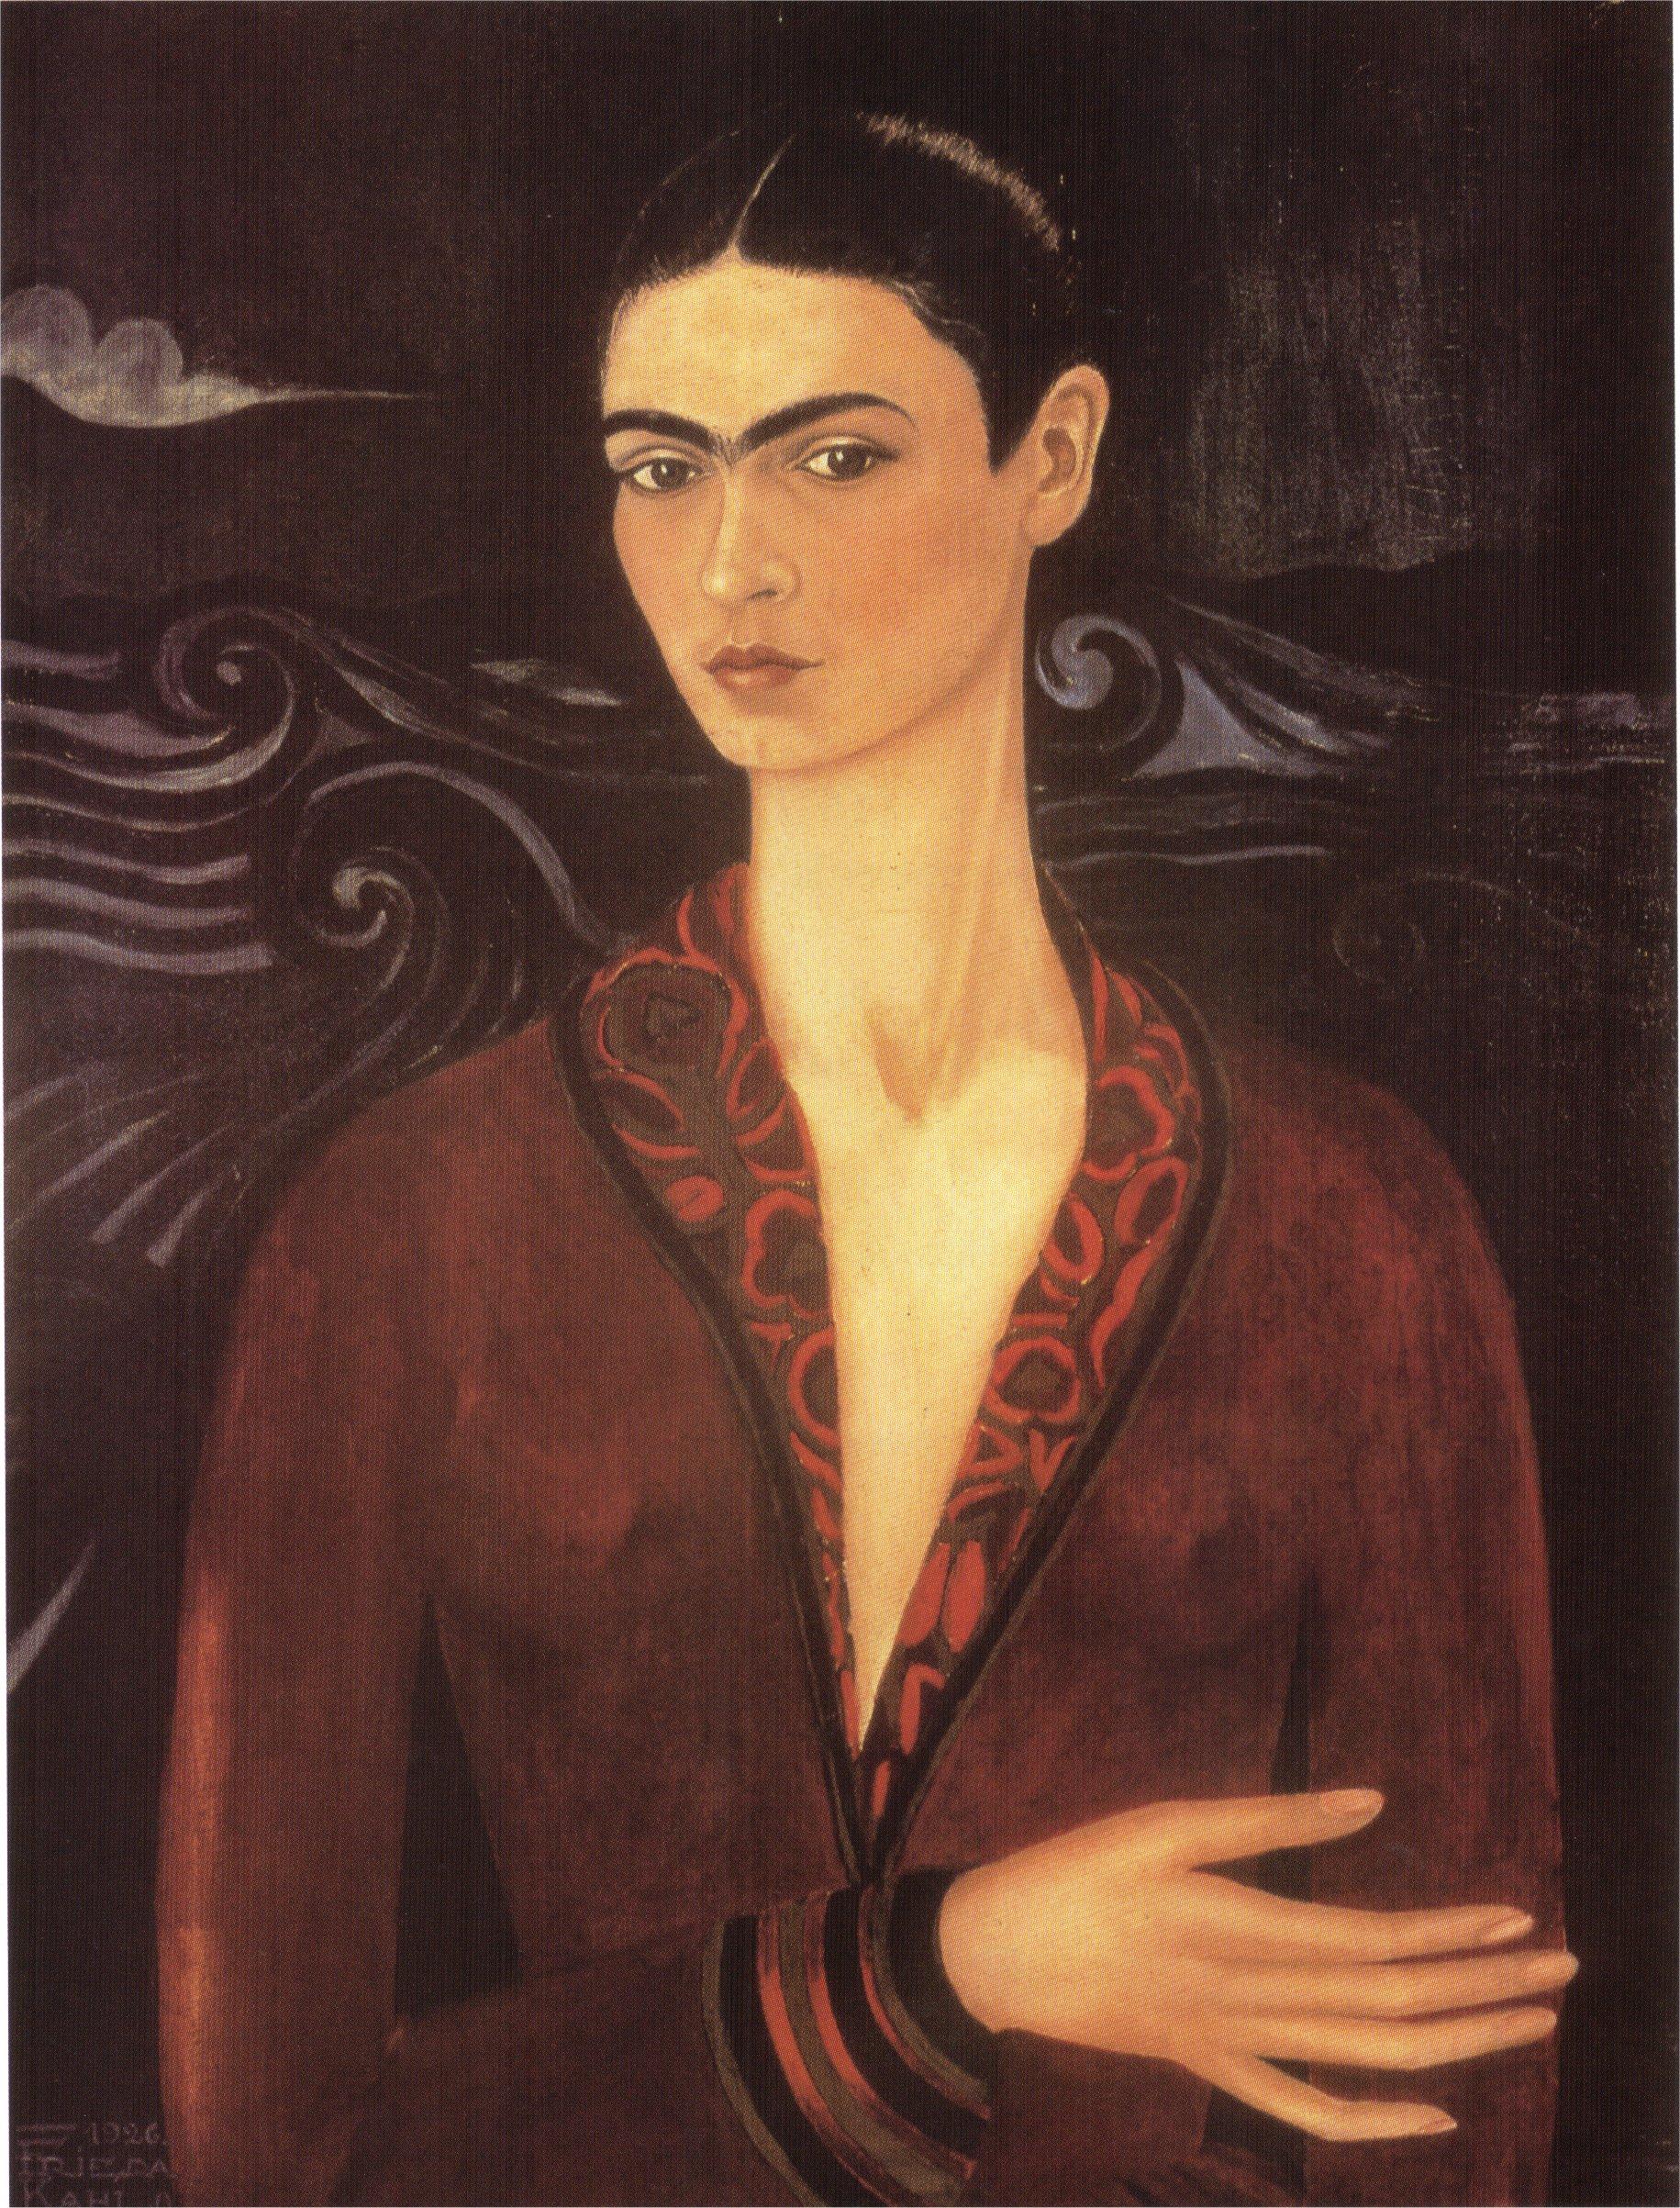 Self-portrait in a velvet dress